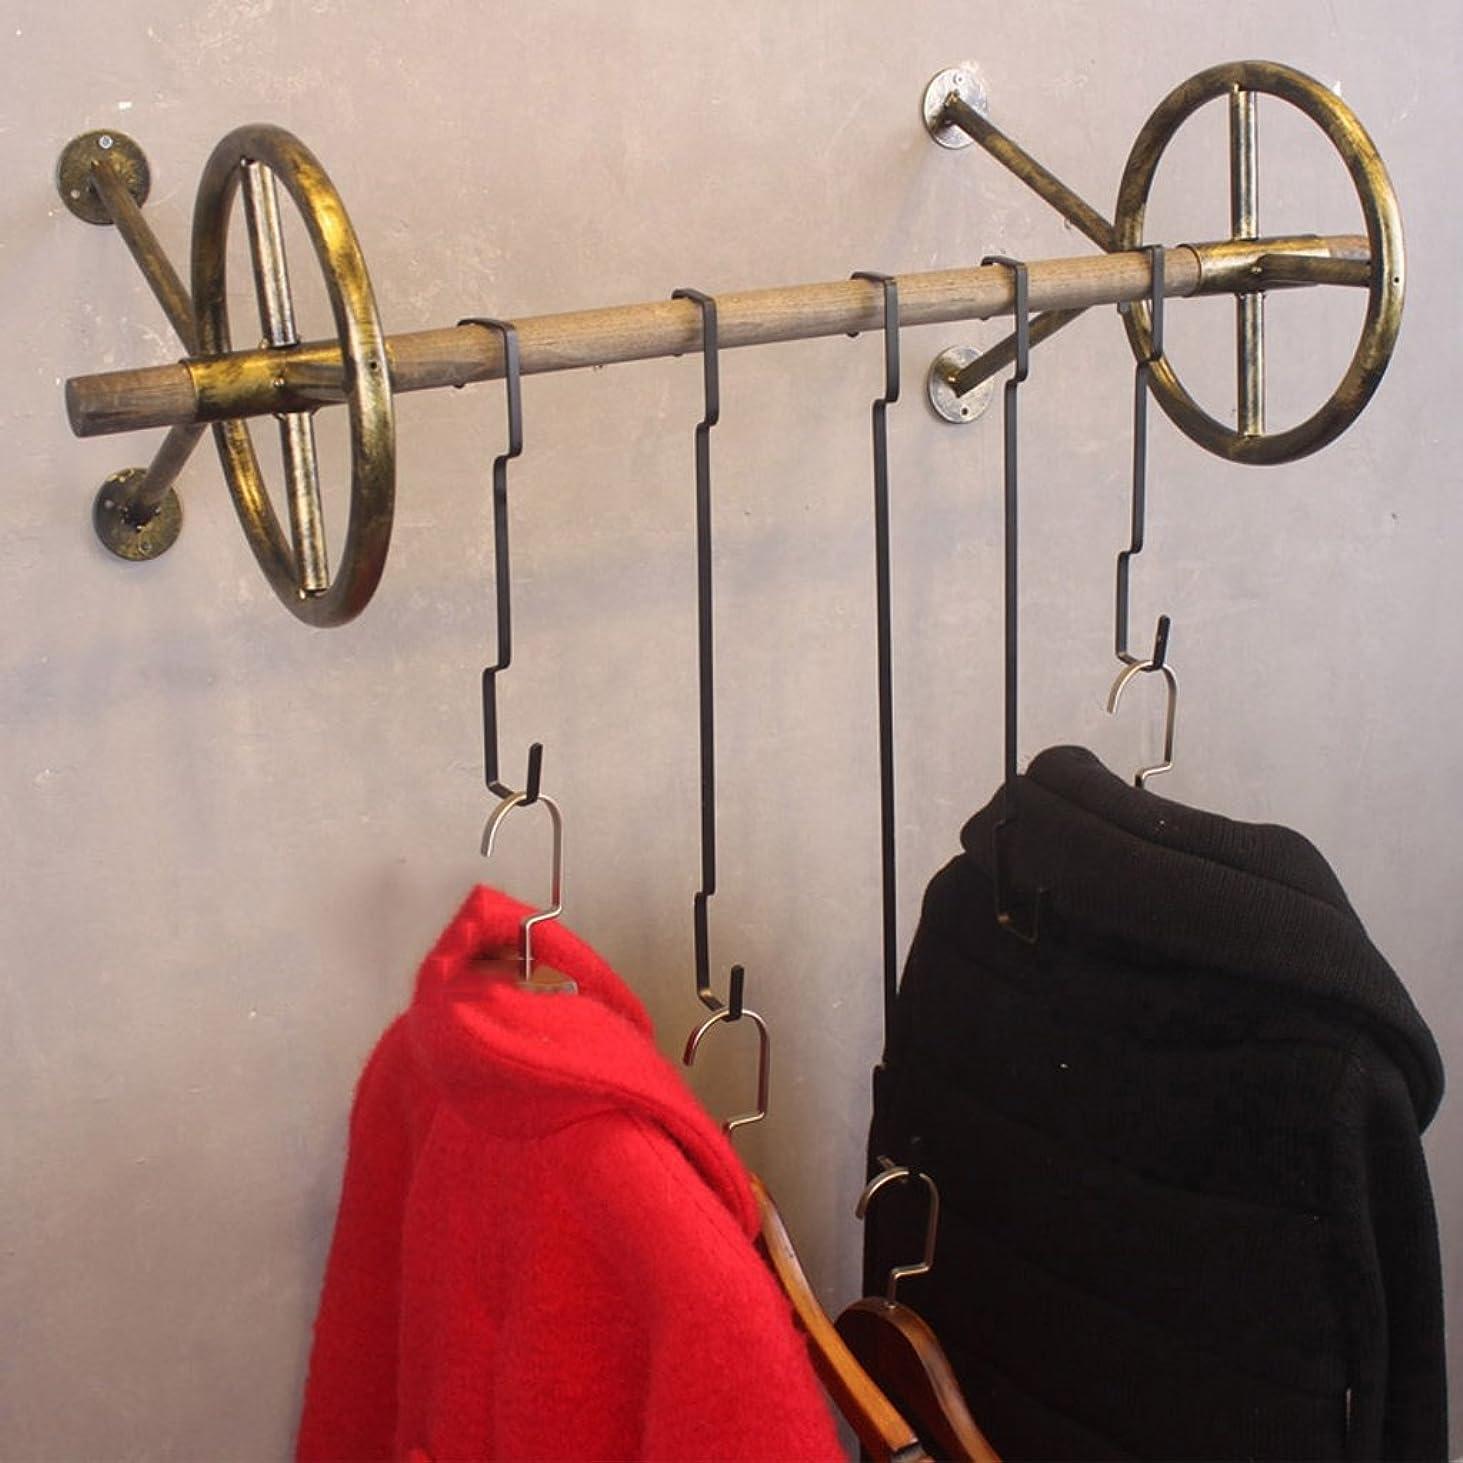 無法者哲学的コンドームMariny フックレトロコートラックソリッドウッド鍛鉄製の壁掛けラックの組み合わせ服ラック (色 : ブロンズ, サイズ さいず : 120cm)